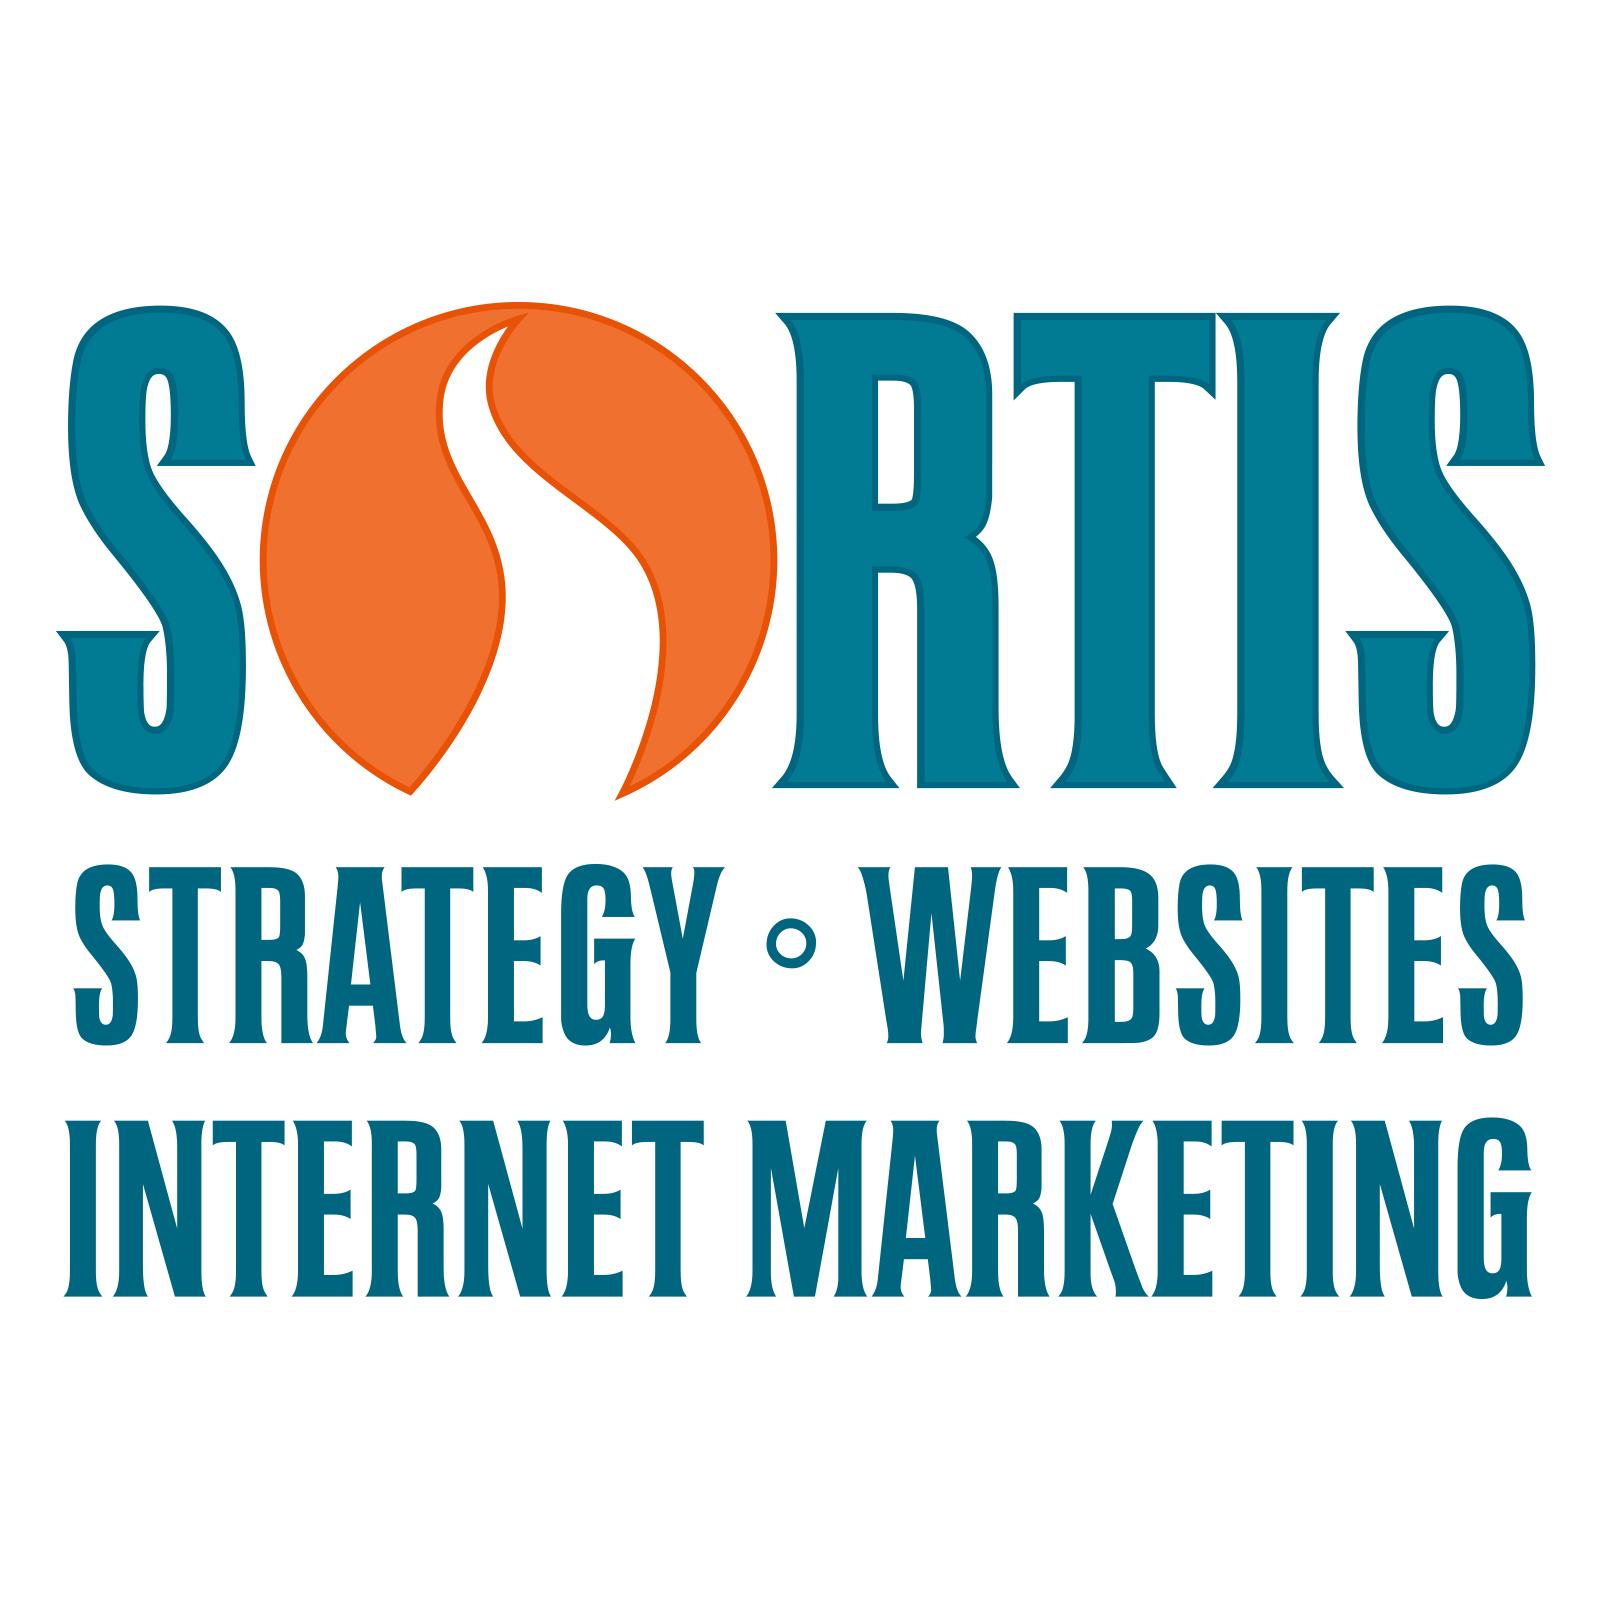 Sortis Marketing